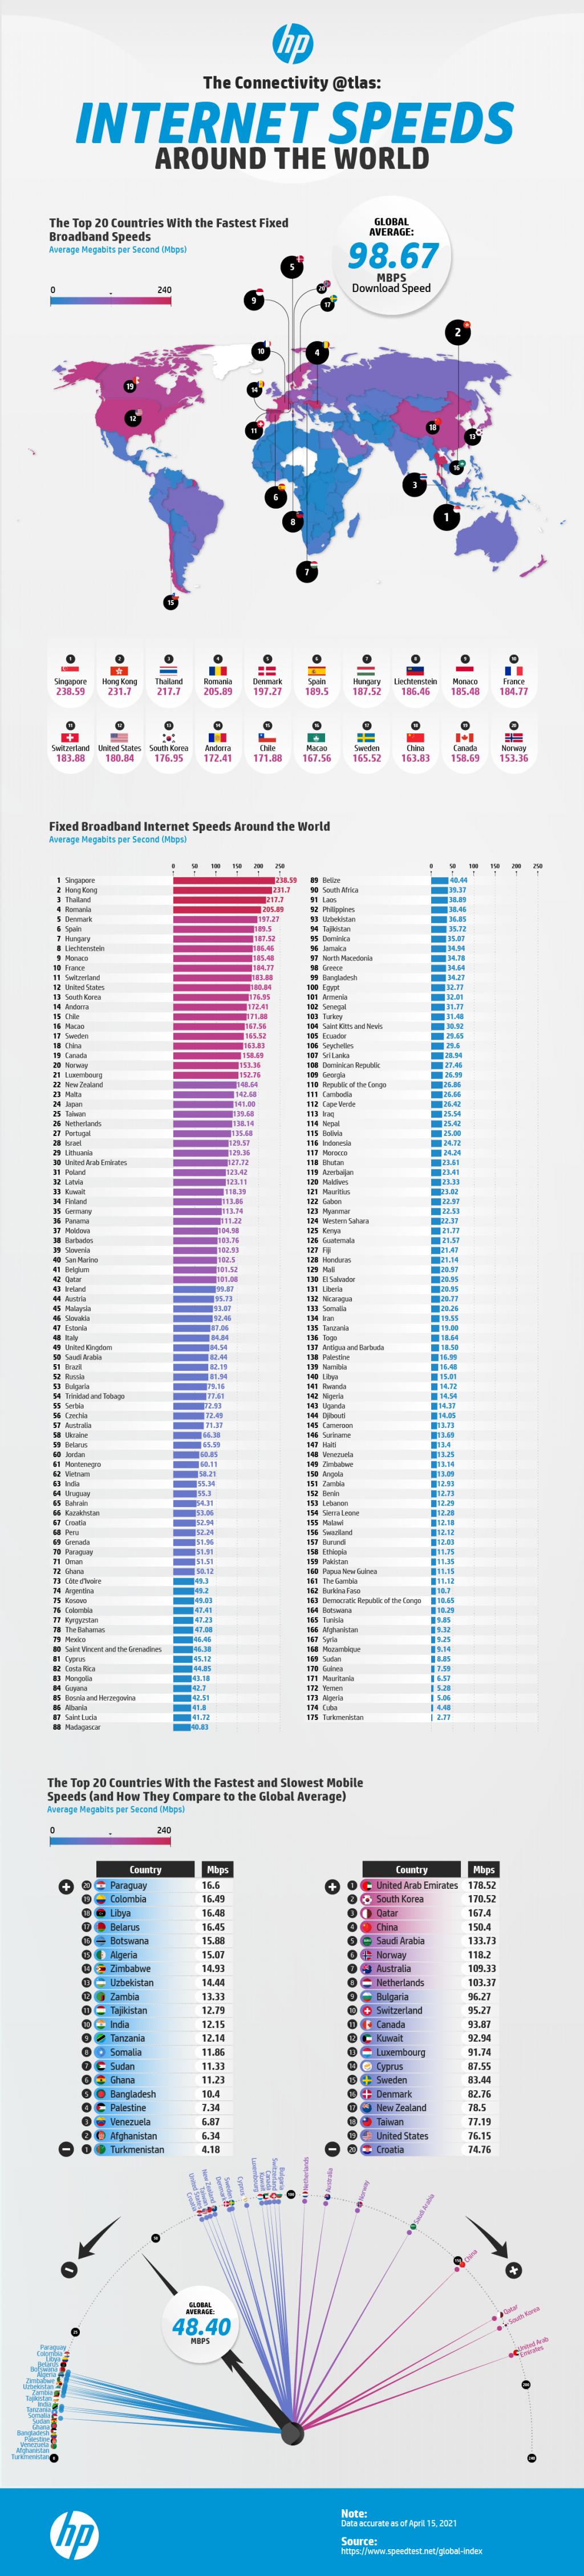 internet-speeds-around-world